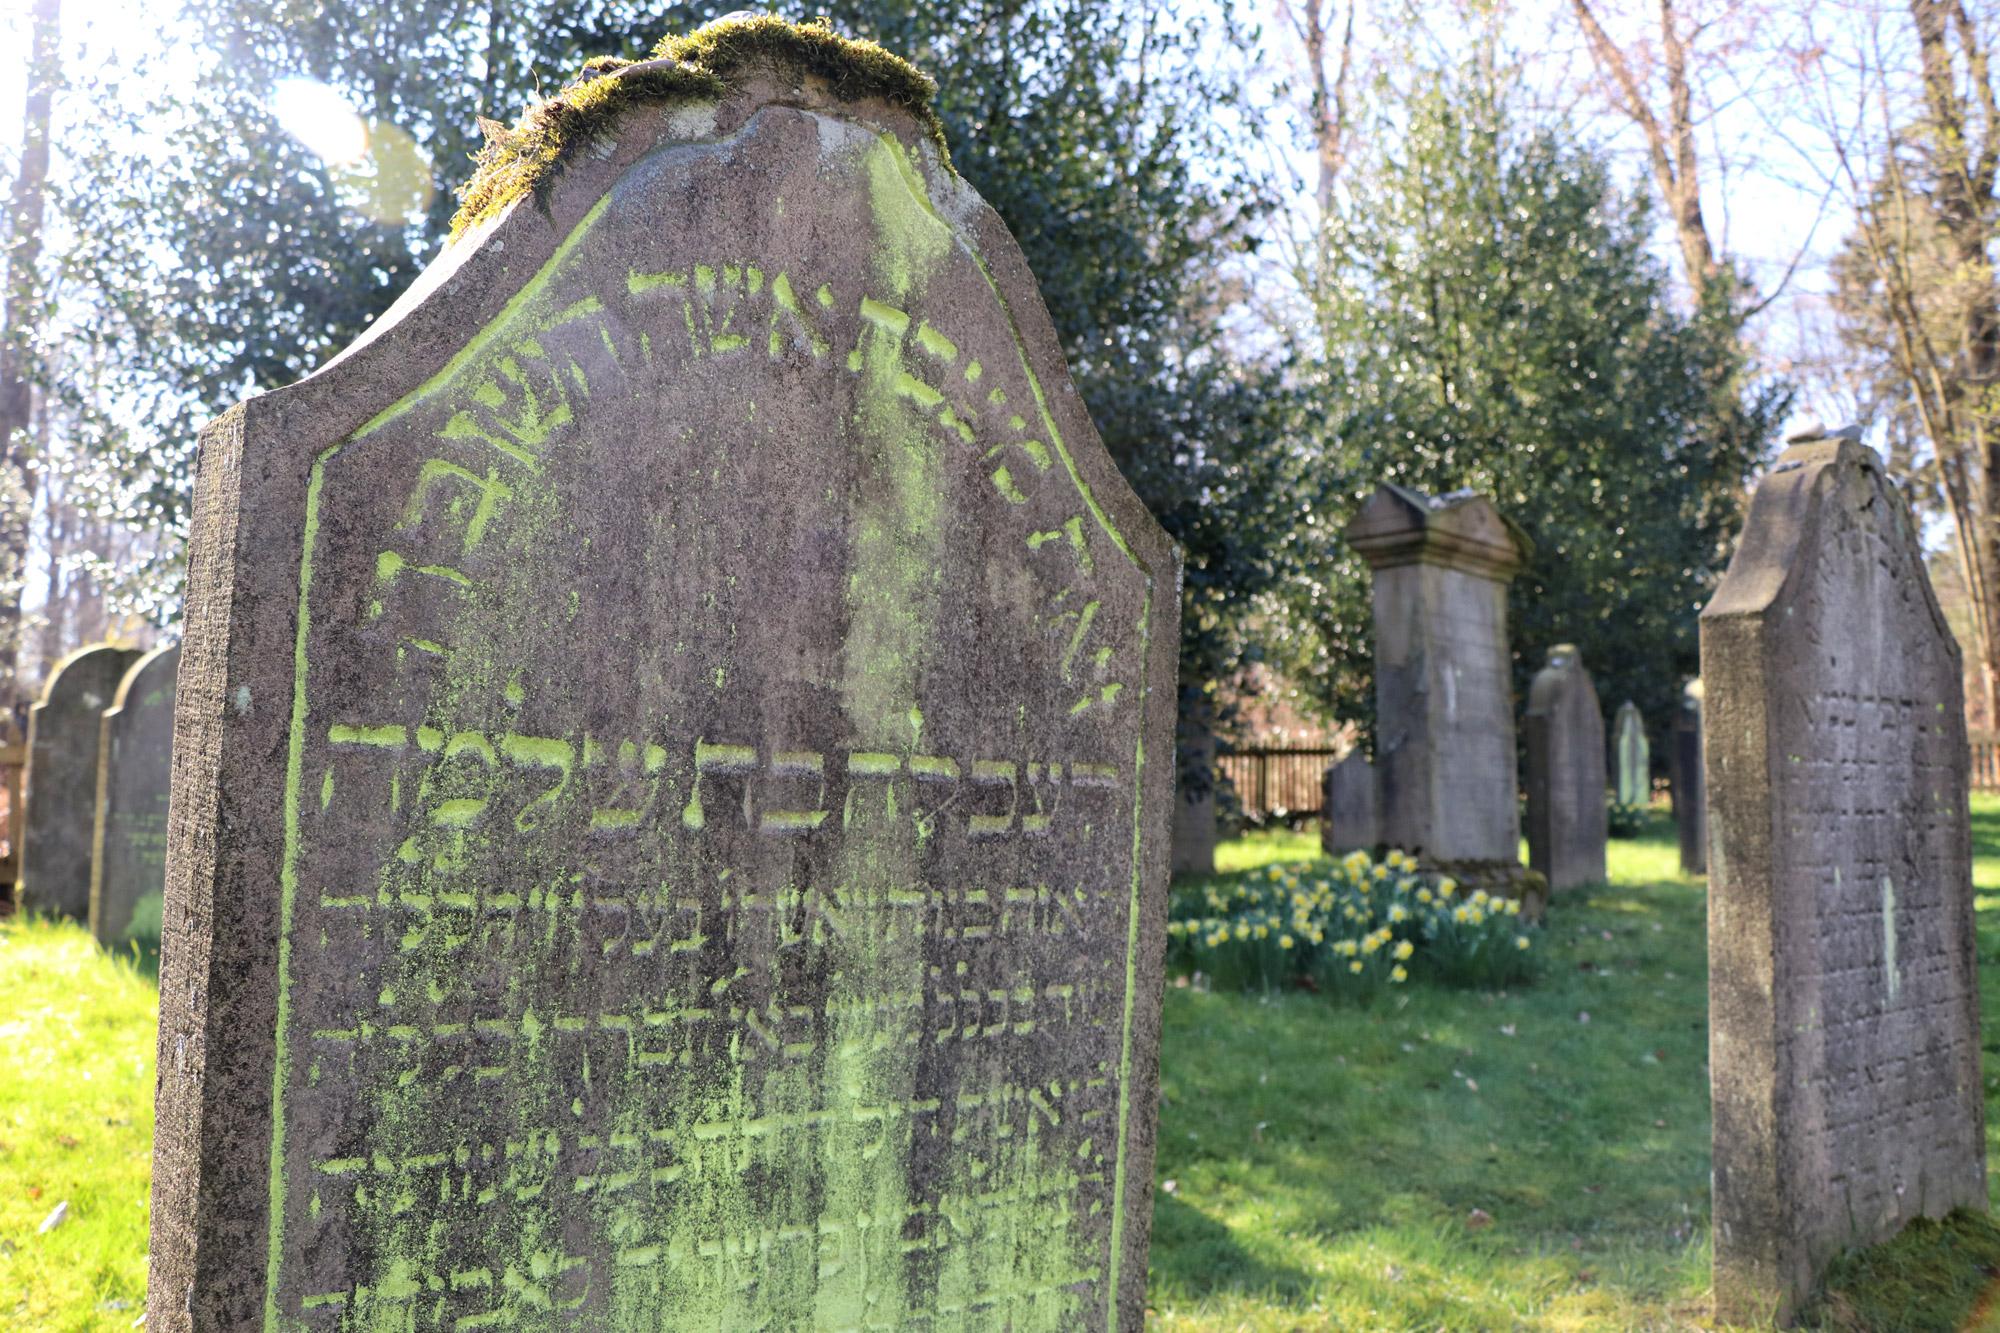 Essen-Kettwig - Joodse begraafplaats